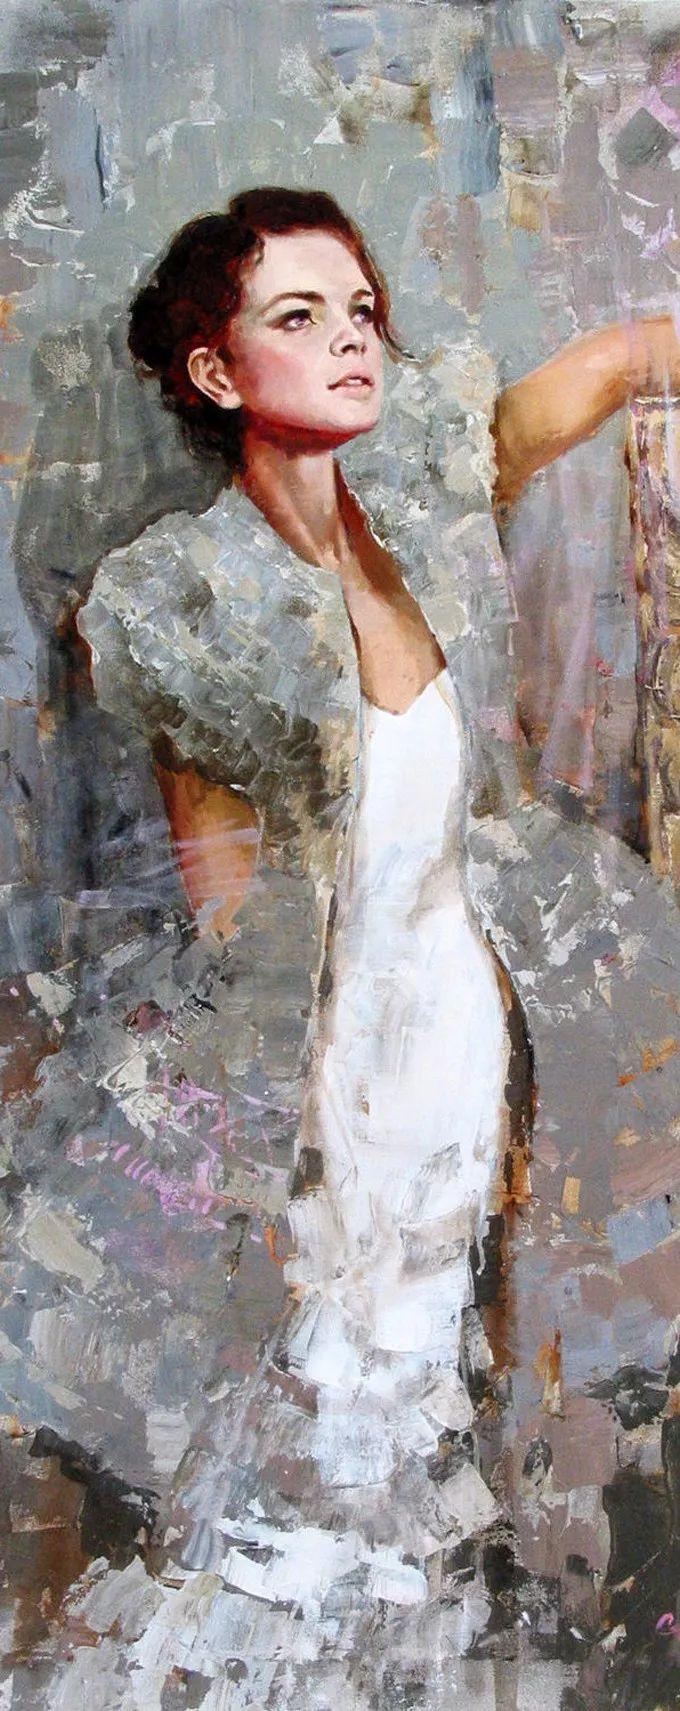 她的油画里,有一种惊艳脱俗的美!插图77